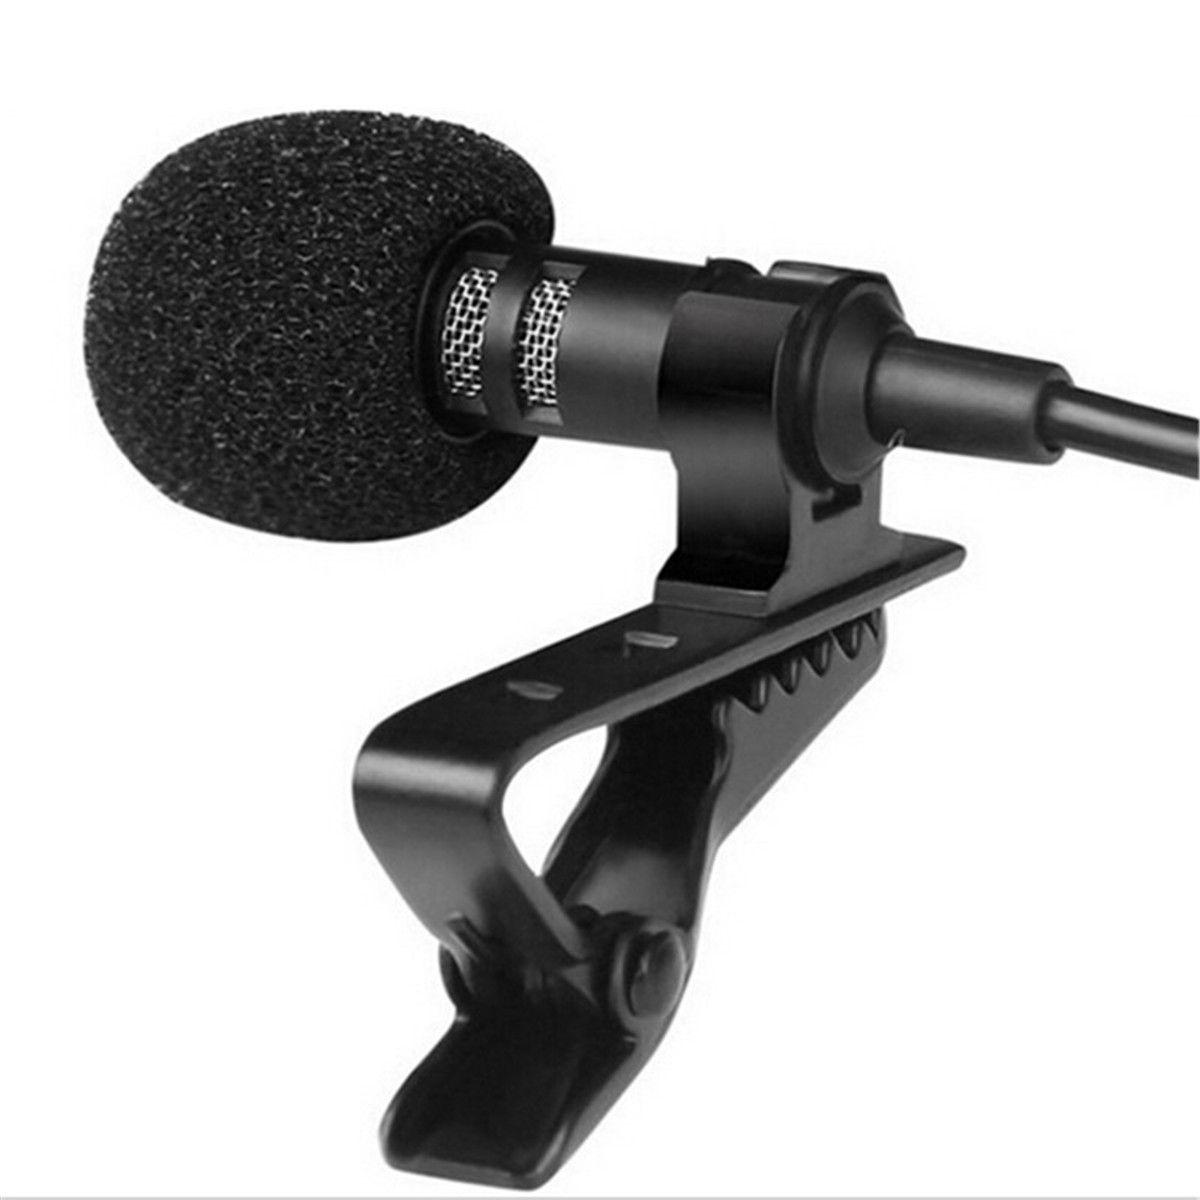 (Stock) iphone Samsung Smartphone için Taşınabilir Clip-Yaka Boyun Mikrofonu 3.5mm Jack Hands-free Mini Kablolu Kondenser Mikrofon